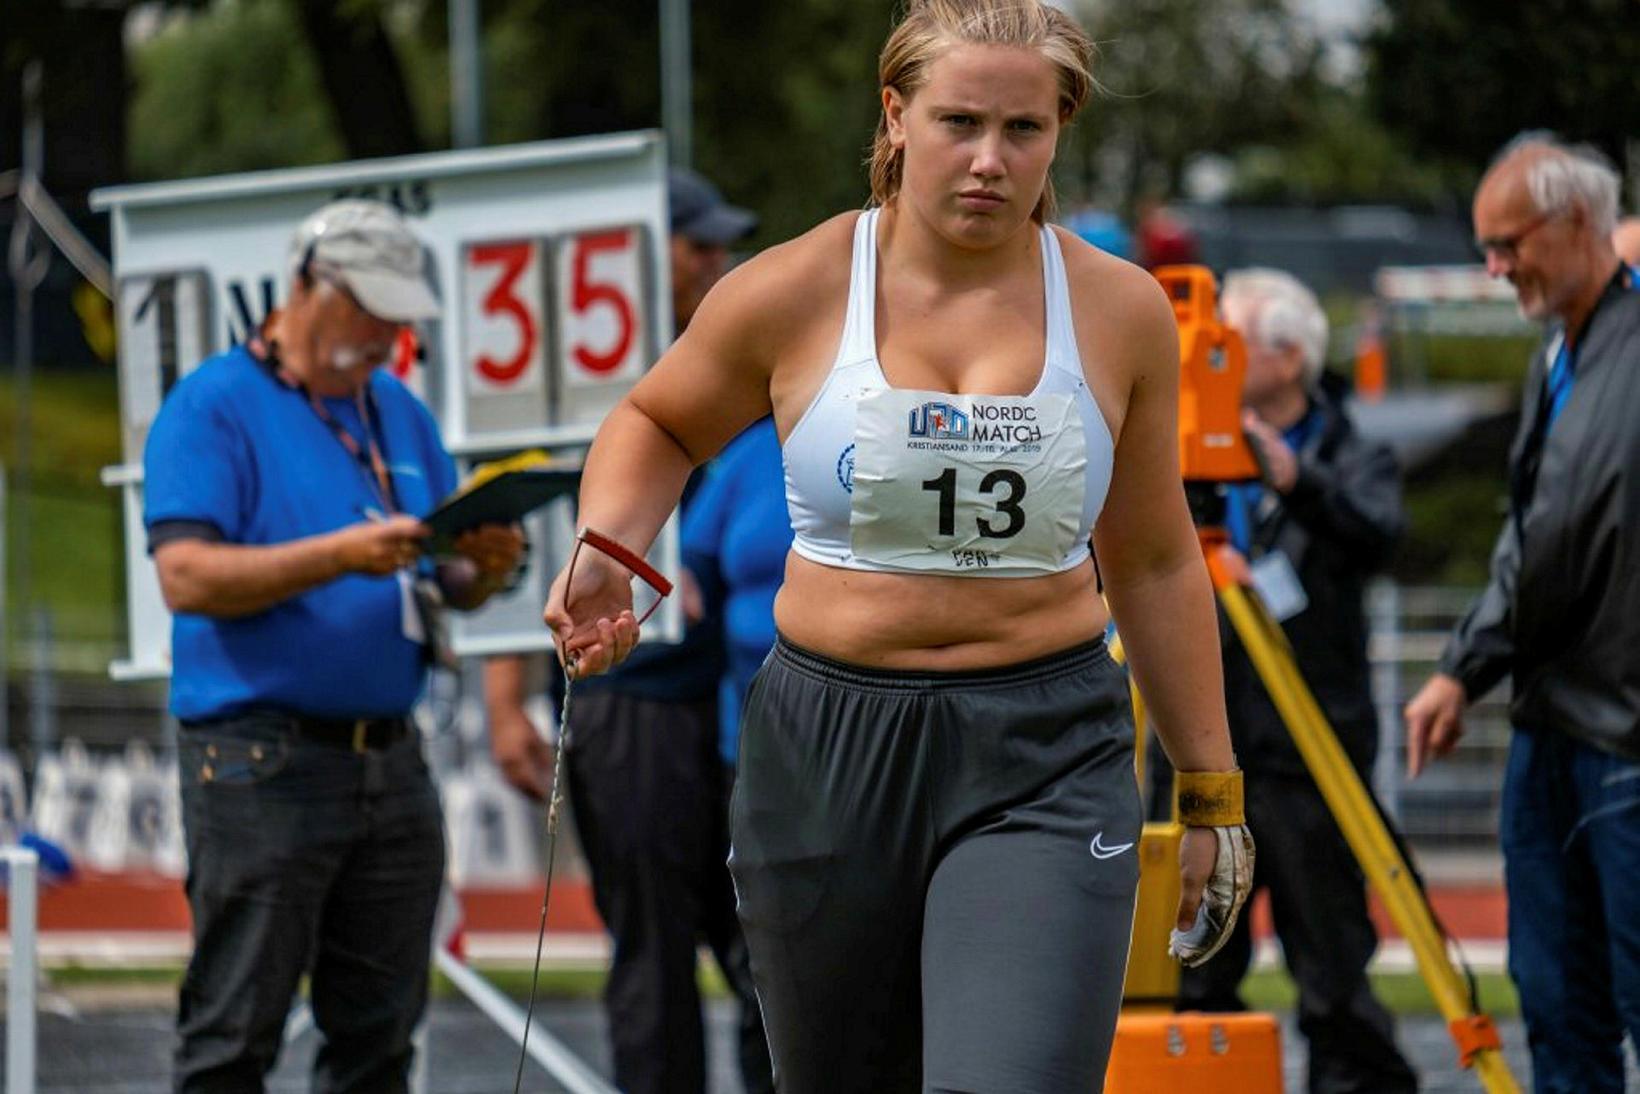 Elísbet Rut Rúnarsdóttir.